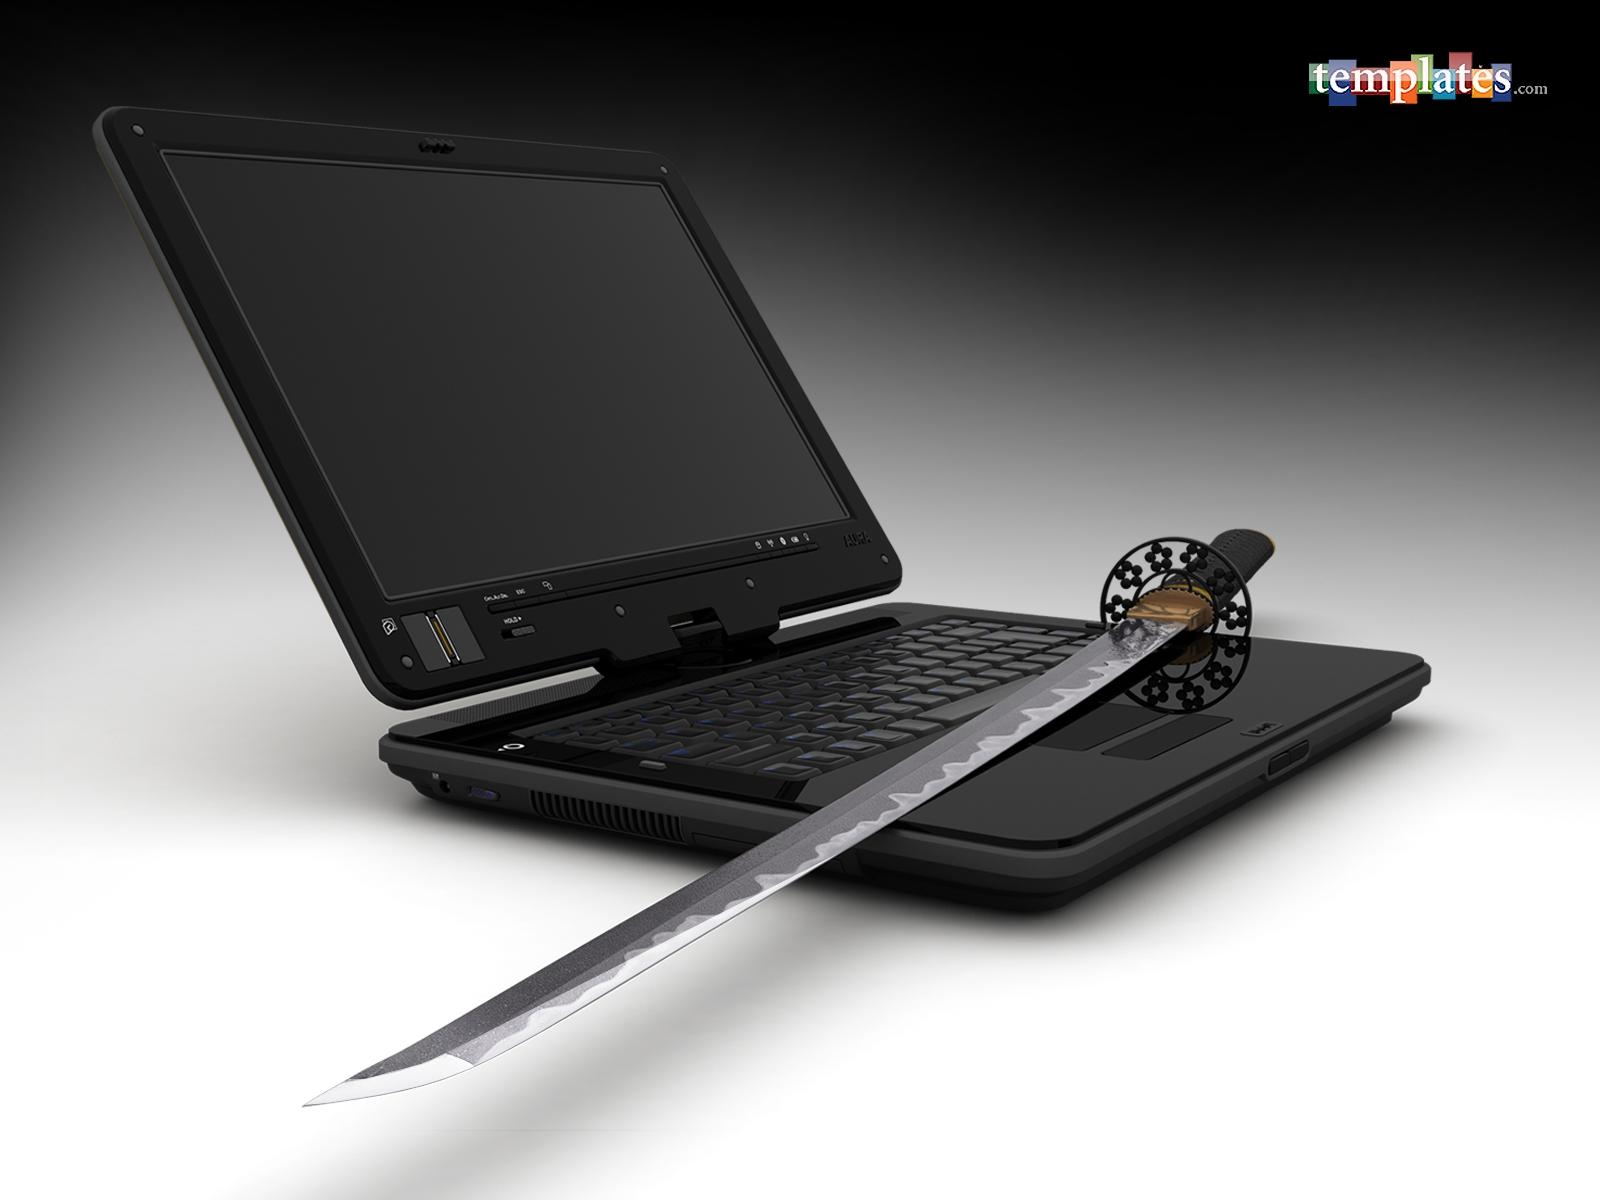 http://3.bp.blogspot.com/-Y9fsRwYGjnI/TmNmrZROrTI/AAAAAAAAFaE/g7GgeVOPx2Y/s1600/laptop%20wallpaper-2.jpg